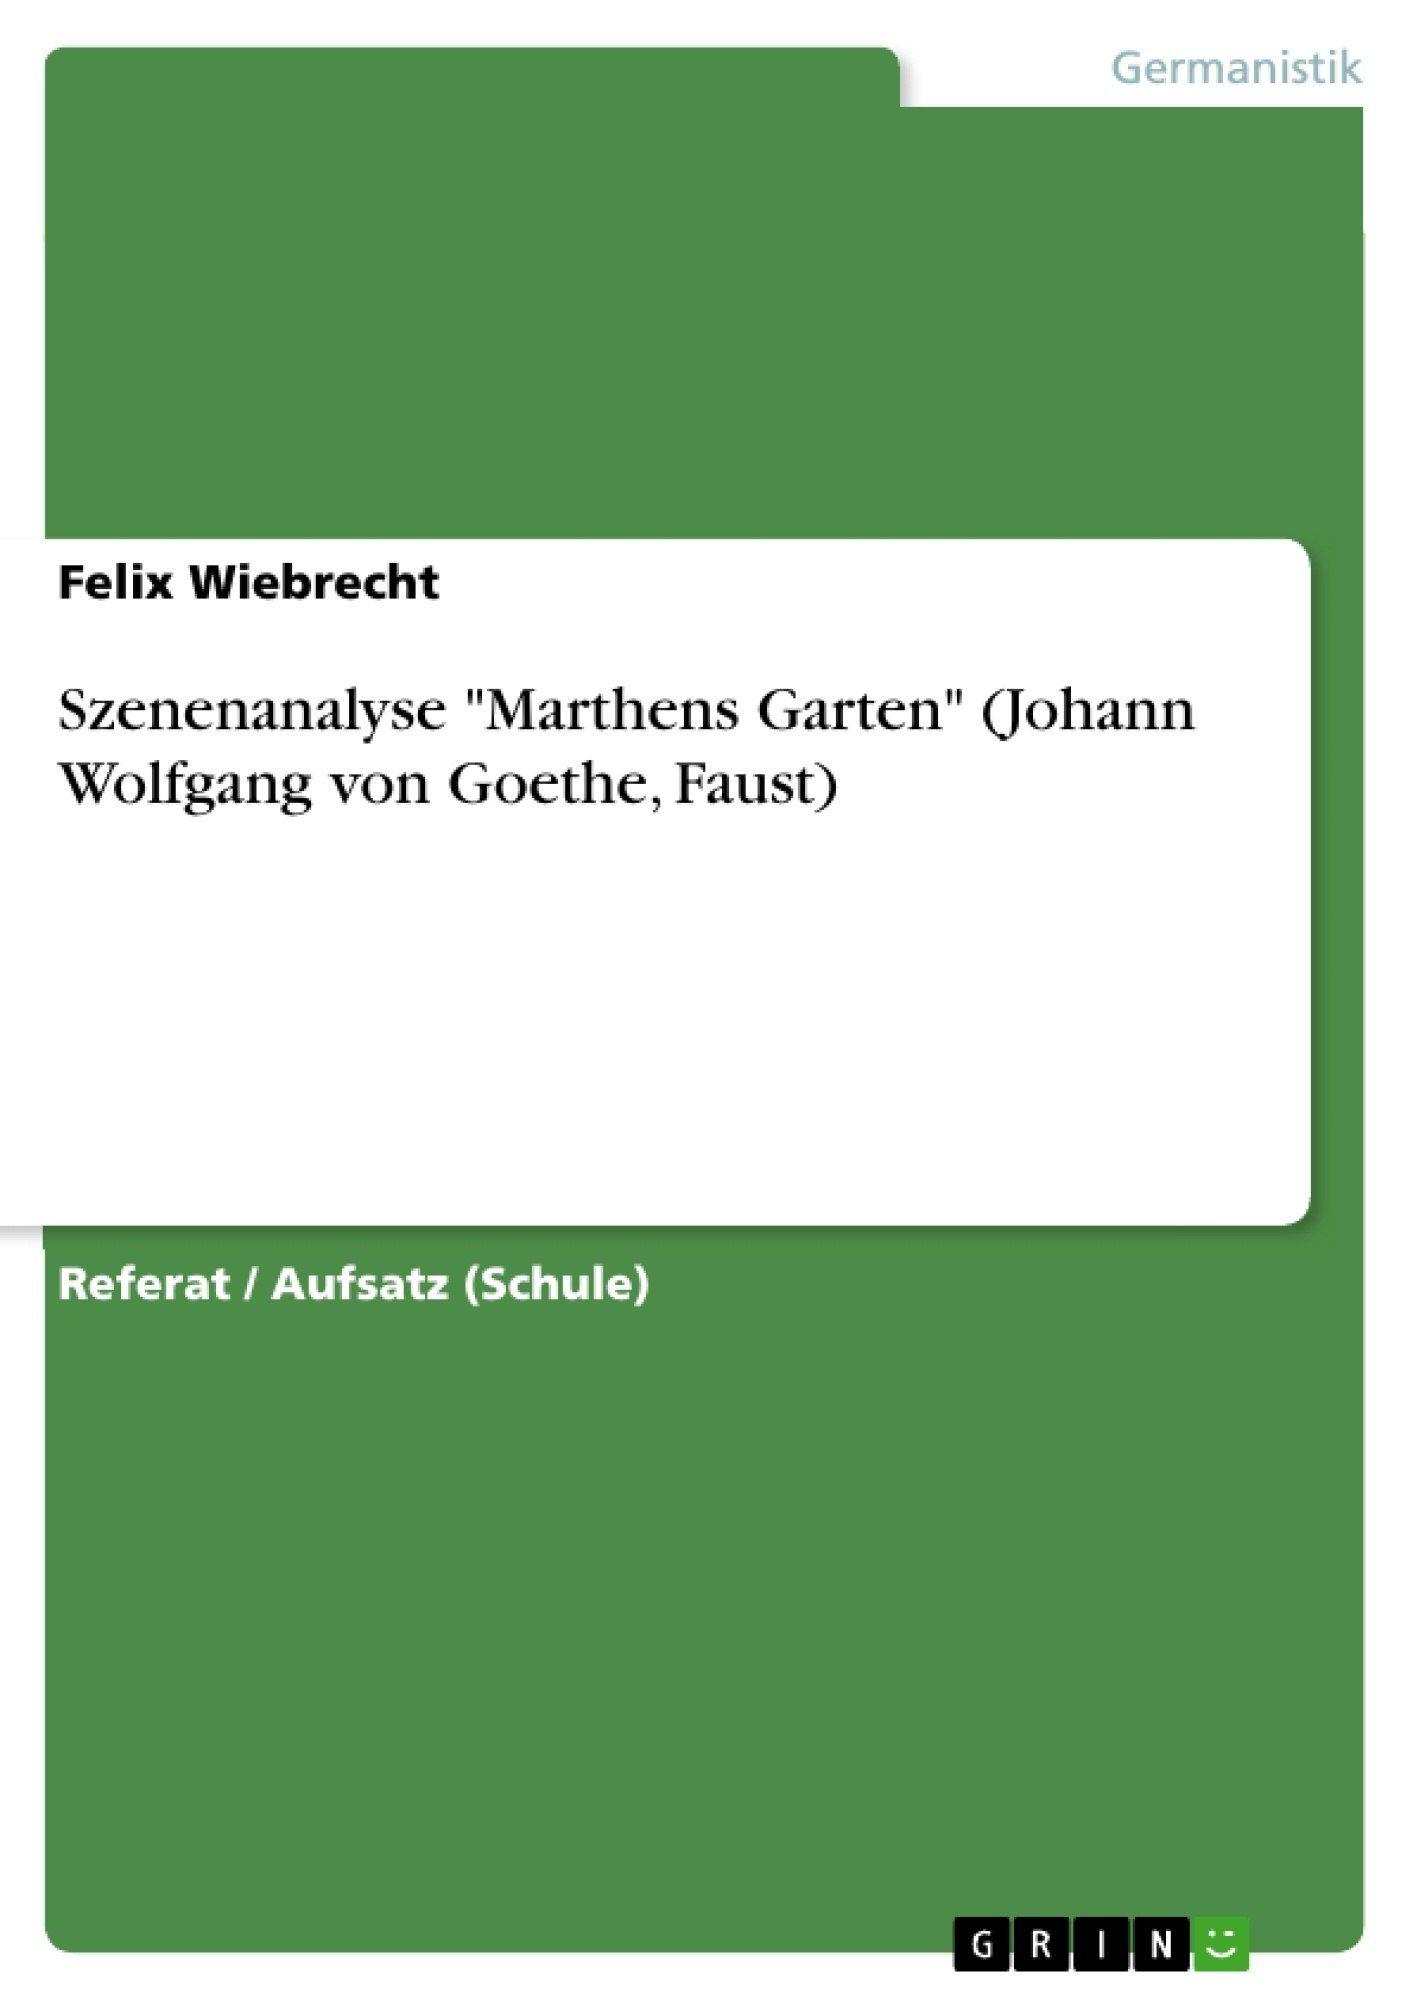 Szenenanalyse Quot Marthens Garten Quot Johann Wolfgang Von Goethe Faust In Bezug Auf Faust Marthens Garten Analyse Wir Haben Es Jemals Geseh Goethe Analyze